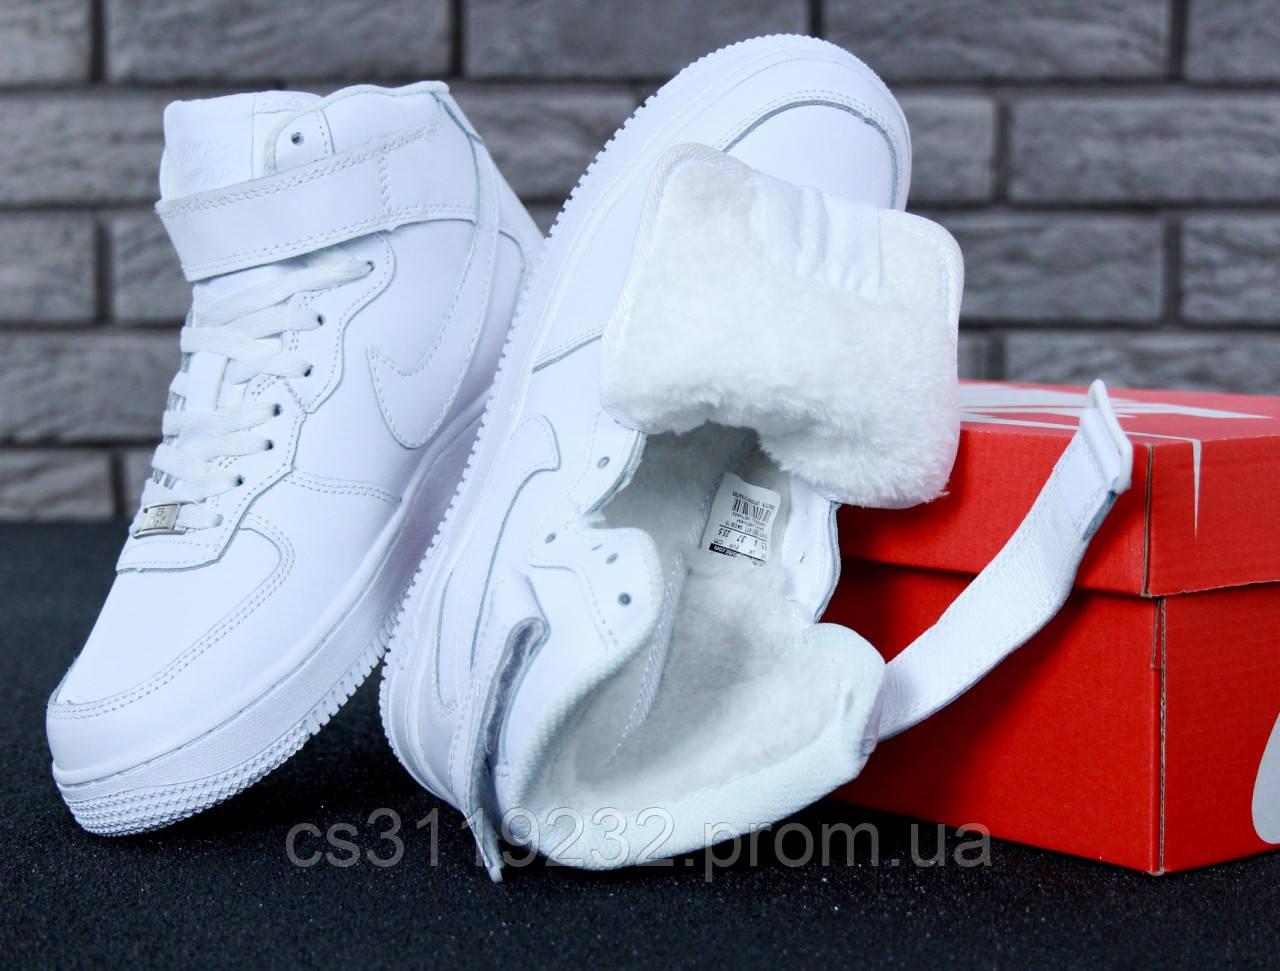 Жіночі кросівки Nike Air Force (хутро) (білі)